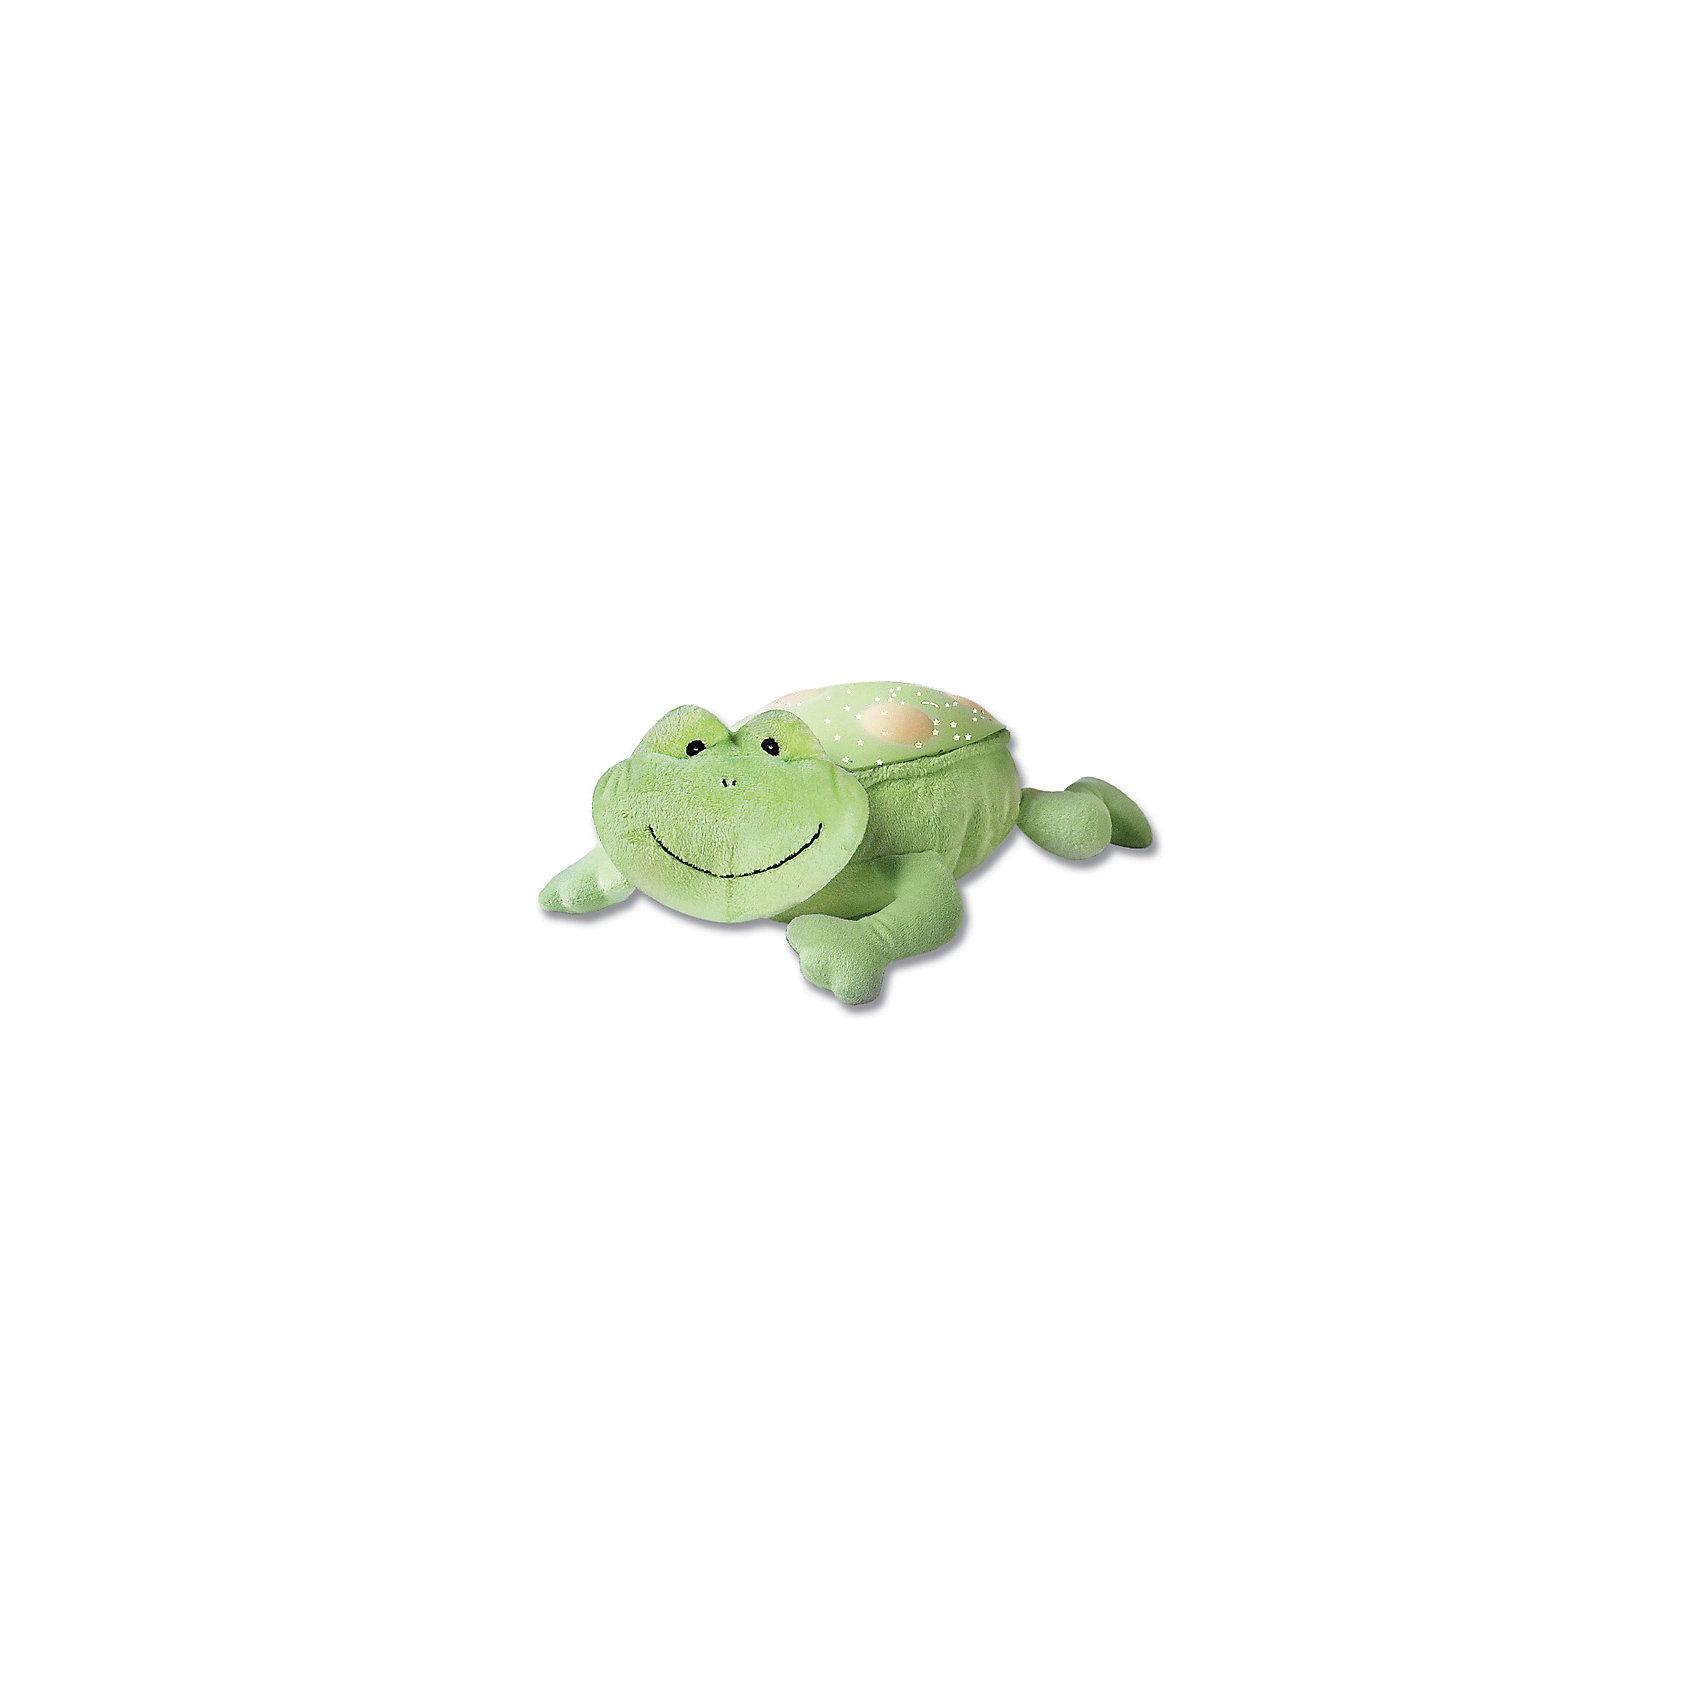 Светильник-проектор звездного неба  Frog, Summer InfantПоможет создать спокойную обстановку для вашего малыша перед сном. Этот прелестный ночник успокоит малыша при помощи нежной колыбельной мелодии и светящегося ночника в виде неба, полного звезд.<br><br>3 настройки цвета.<br>Автоматическое выключение через 15/30/45 минут.<br>Ночник с звездным небом.<br>3 колыбельные и 2 мелодии со звуками природы.<br><br>Ширина мм: 300<br>Глубина мм: 190<br>Высота мм: 200<br>Вес г: 530<br>Возраст от месяцев: 0<br>Возраст до месяцев: 216<br>Пол: Унисекс<br>Возраст: Детский<br>SKU: 5508014